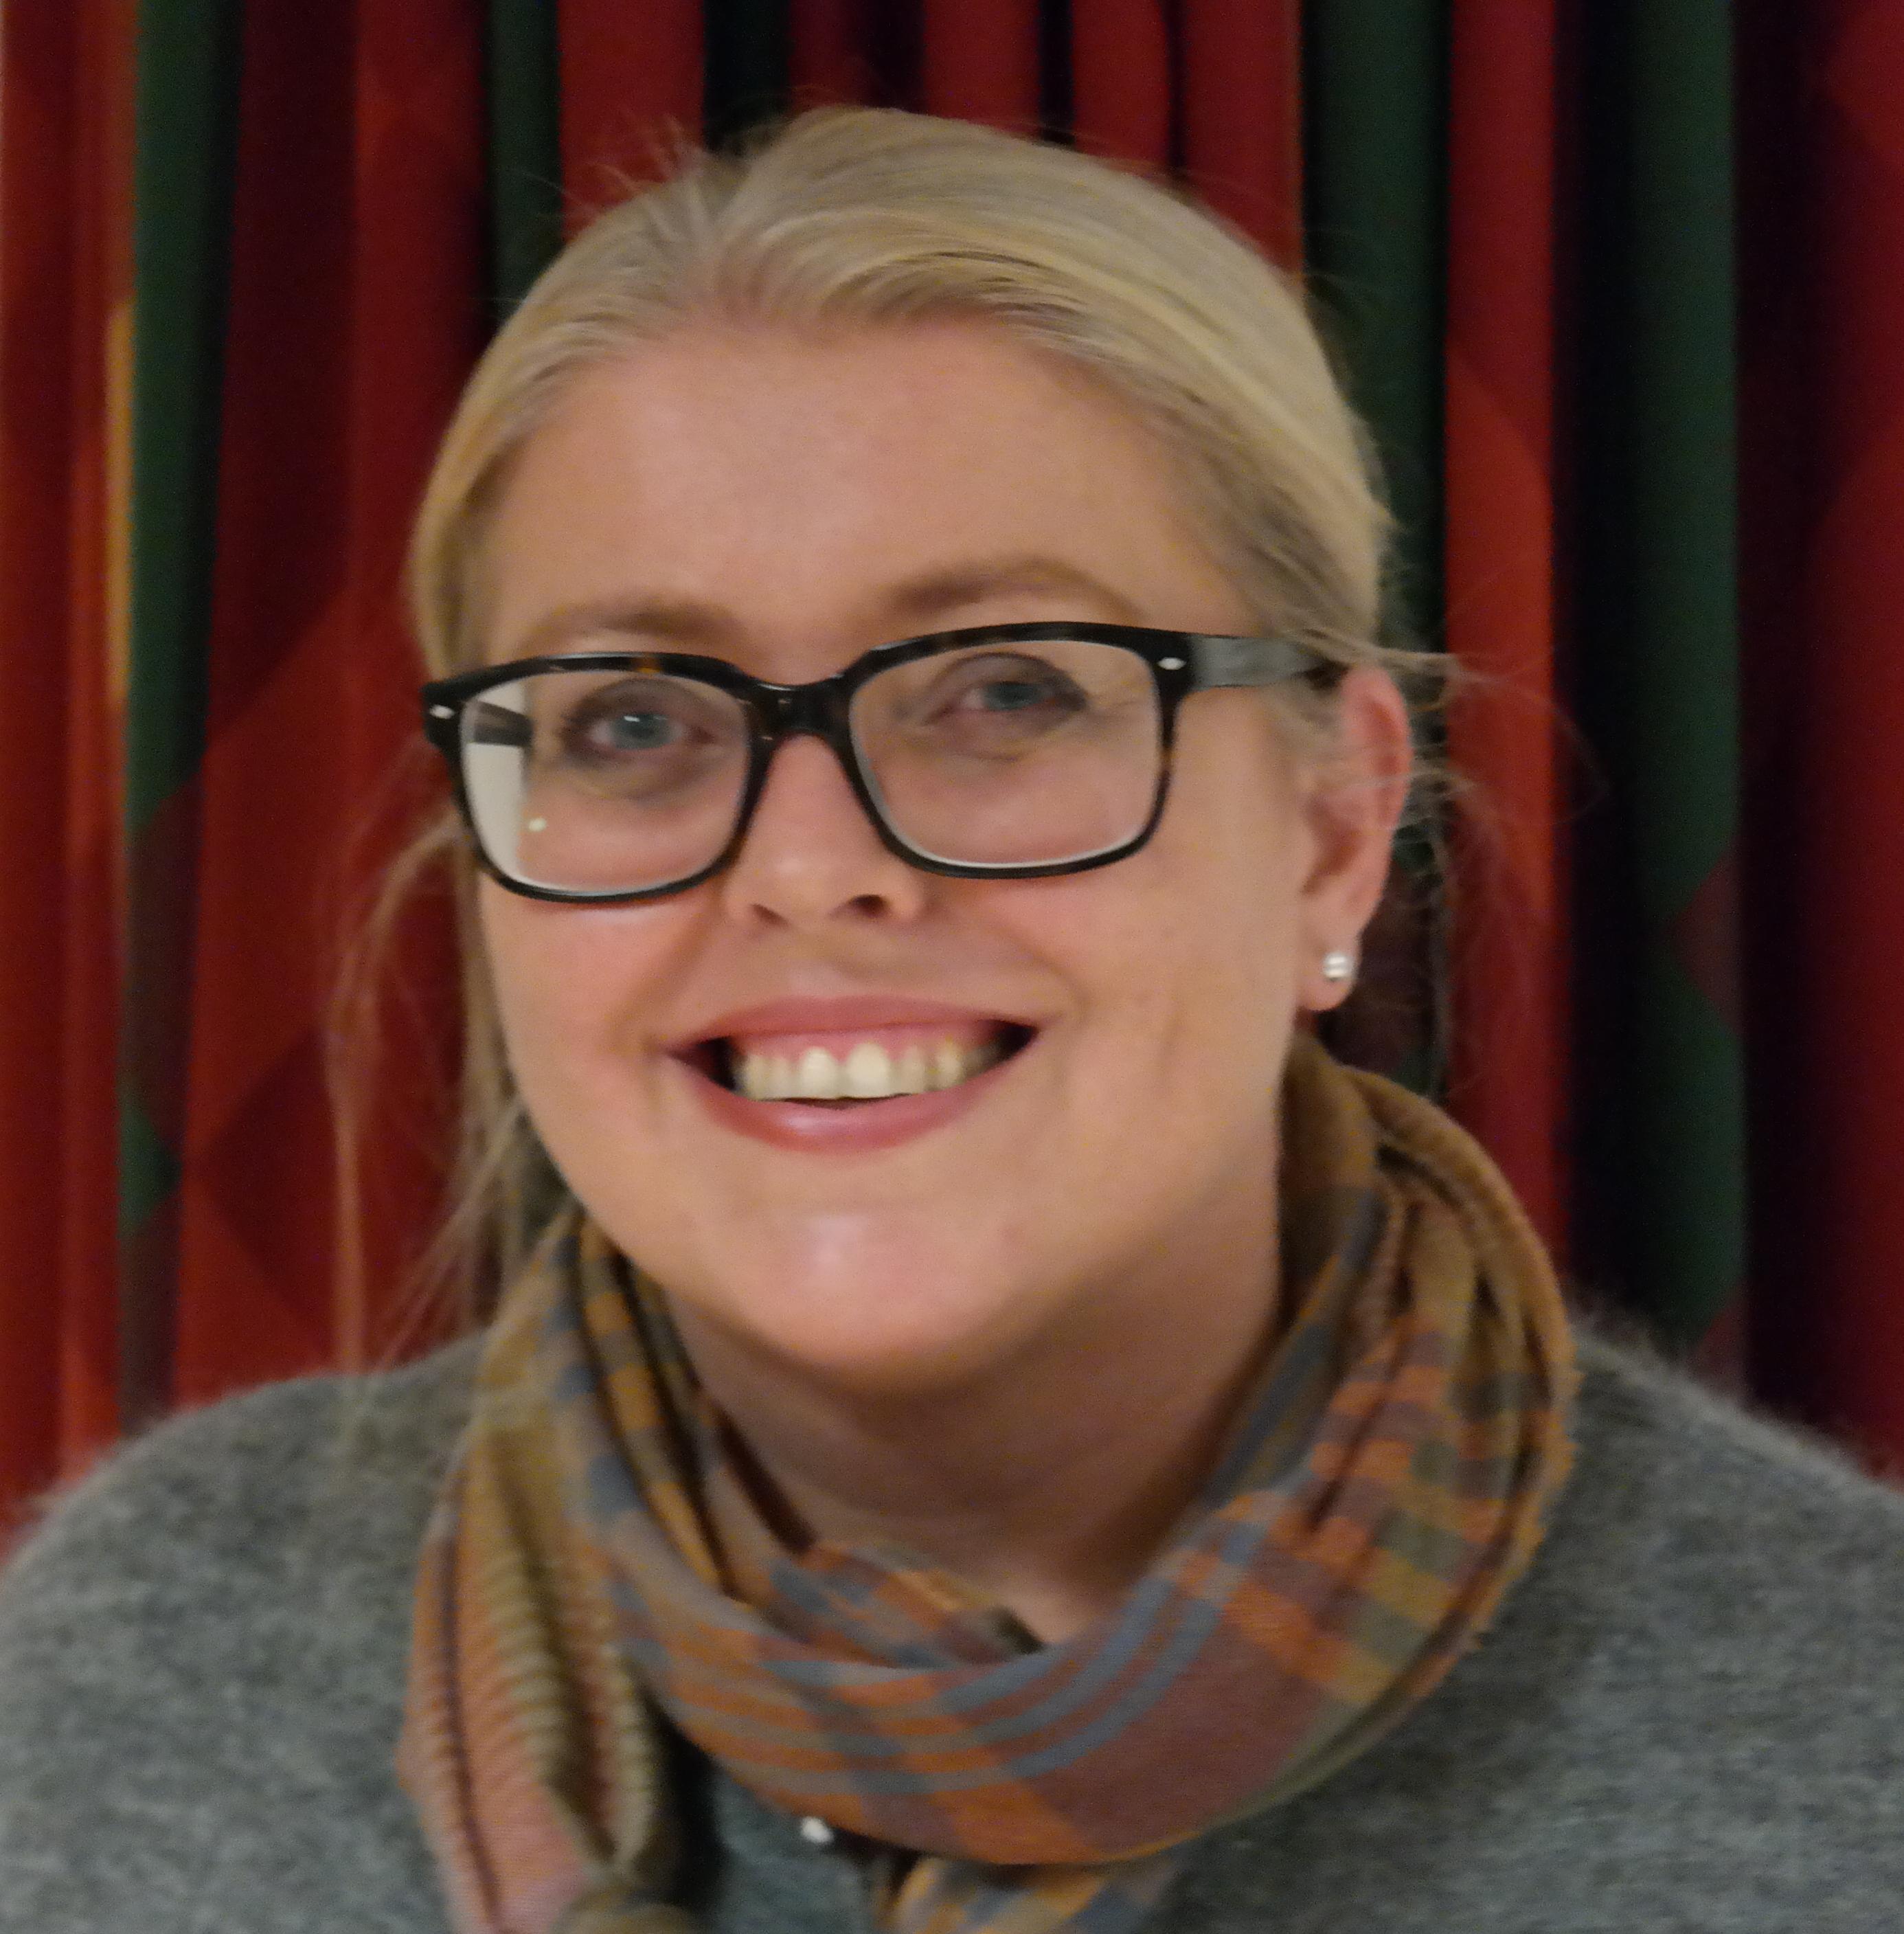 Birgitte Lerheim ved Universitetet i Oslo har forsket på sorg i det offentlige rom.